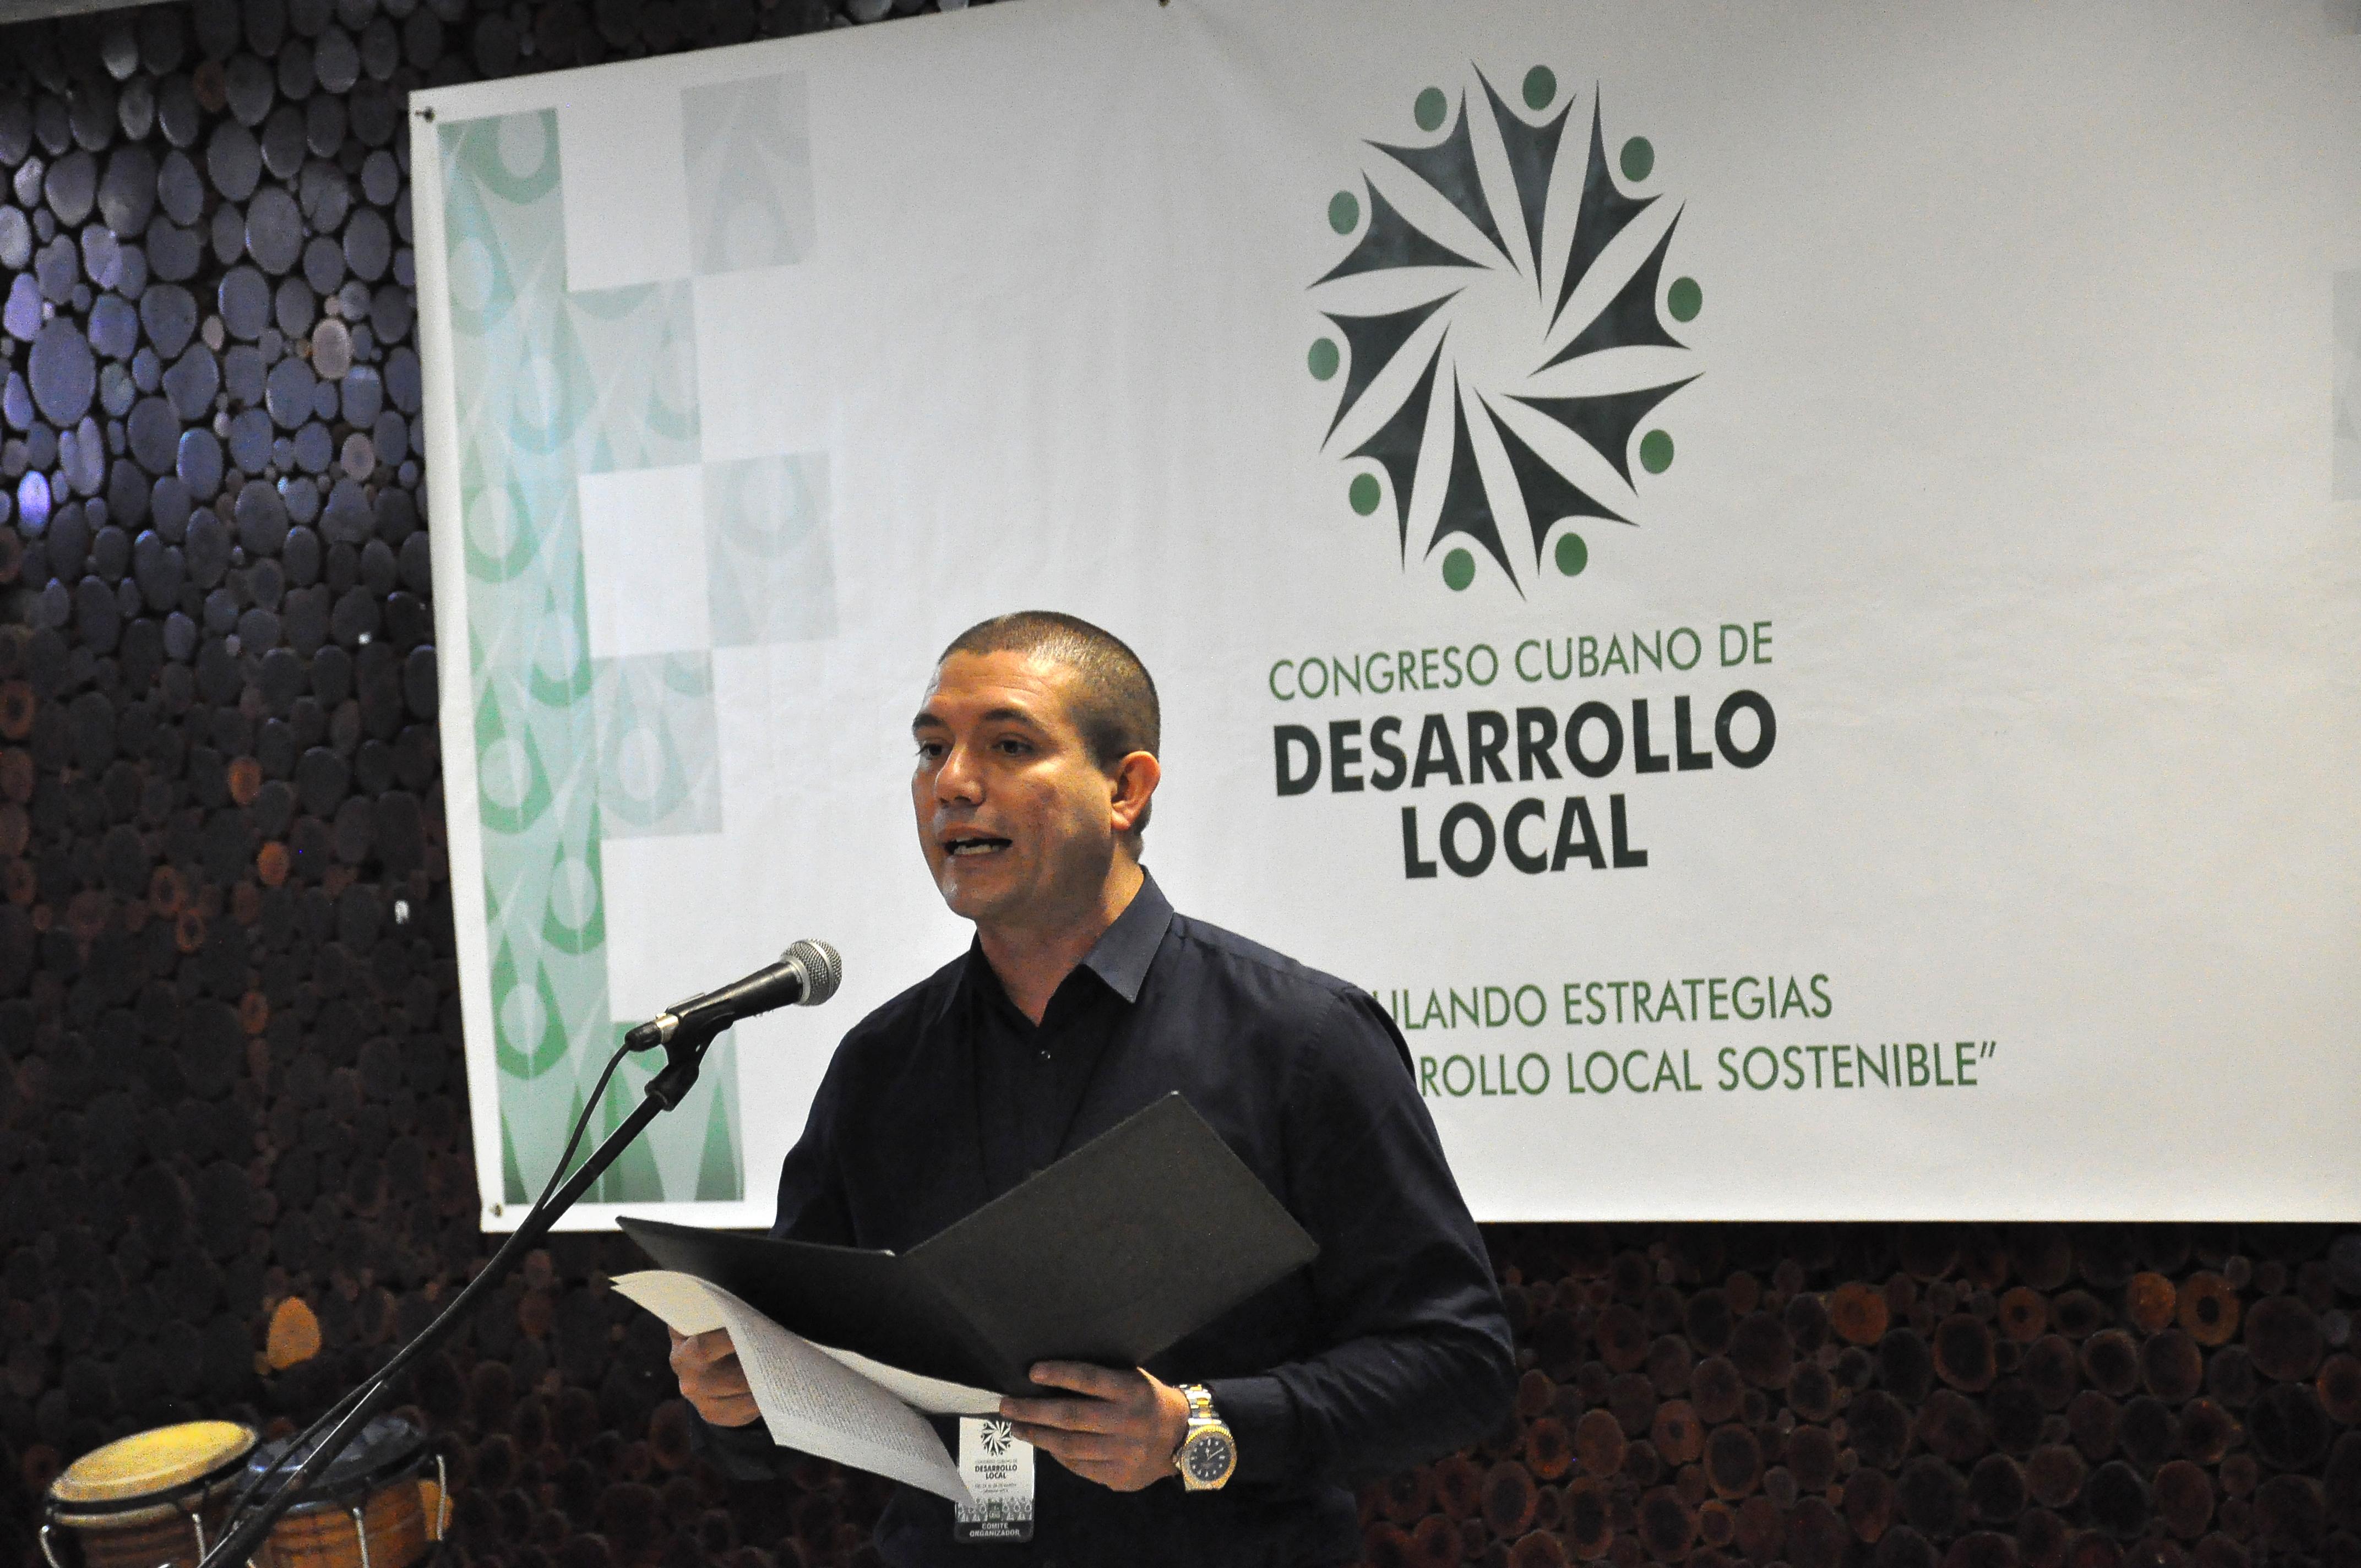 Calidad y rigor científico en VII Congreso cubano de desarrollo local